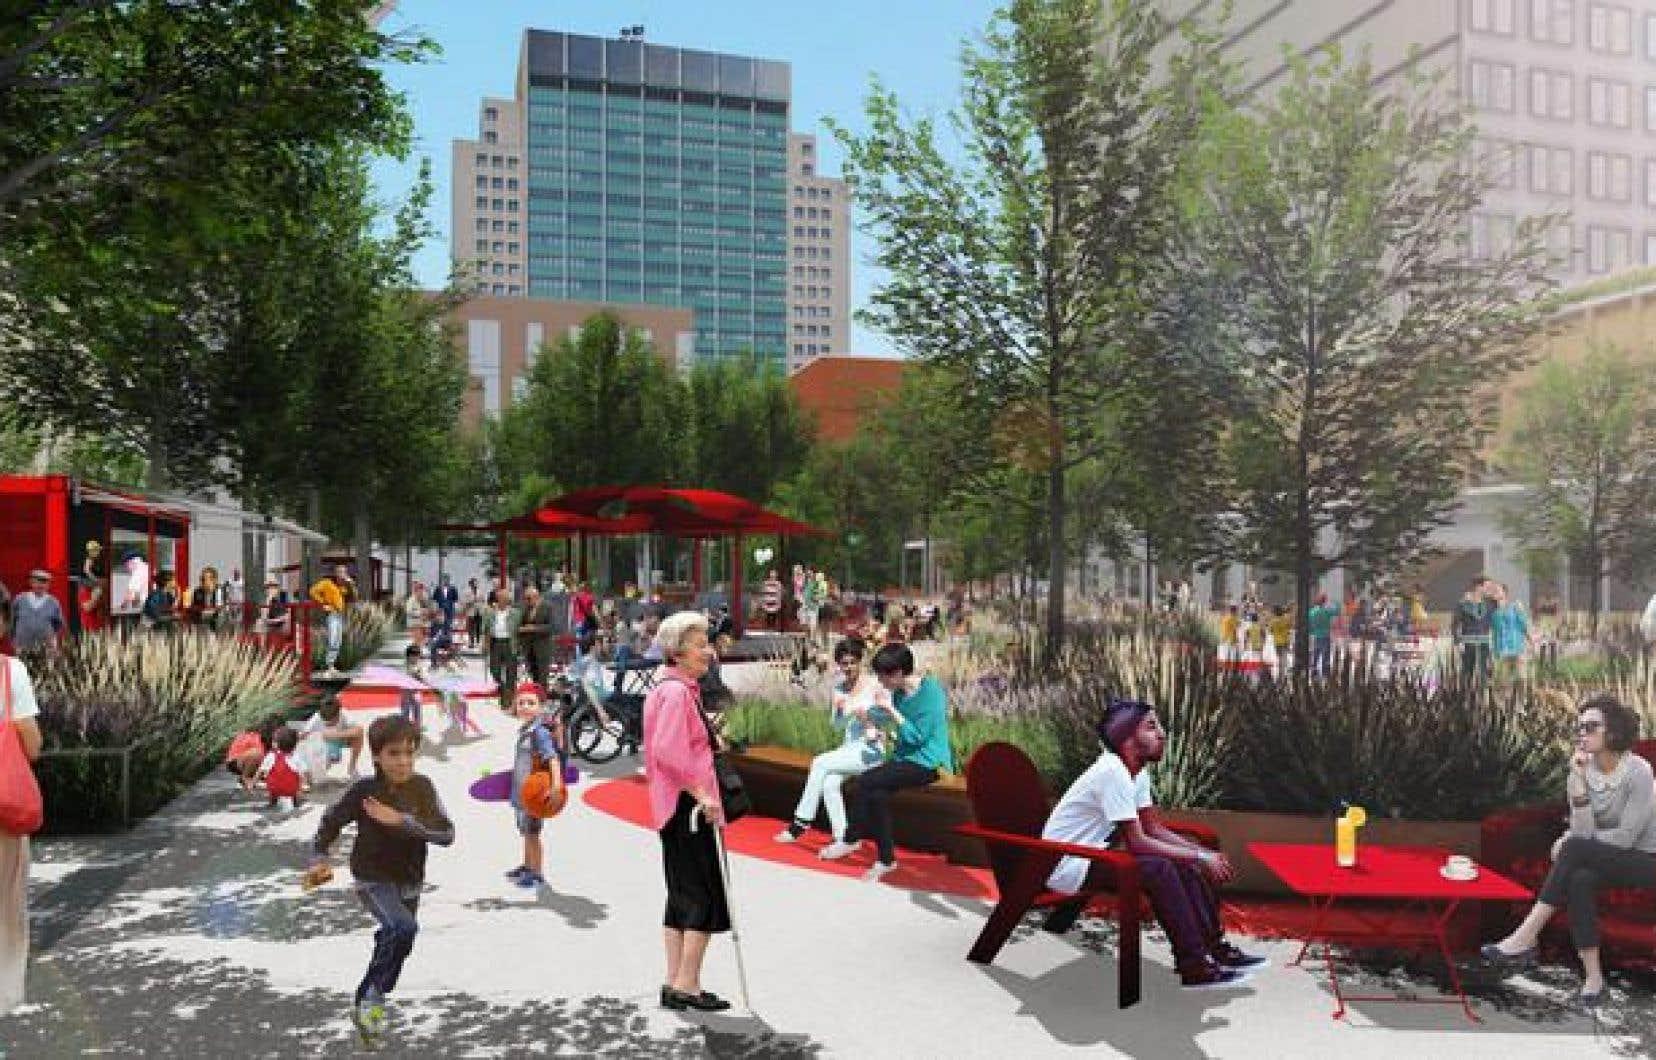 En été, une grande terrasse urbaine, de la végétation et des kiosques alimentaires occuperont la majeure partie du terrain.